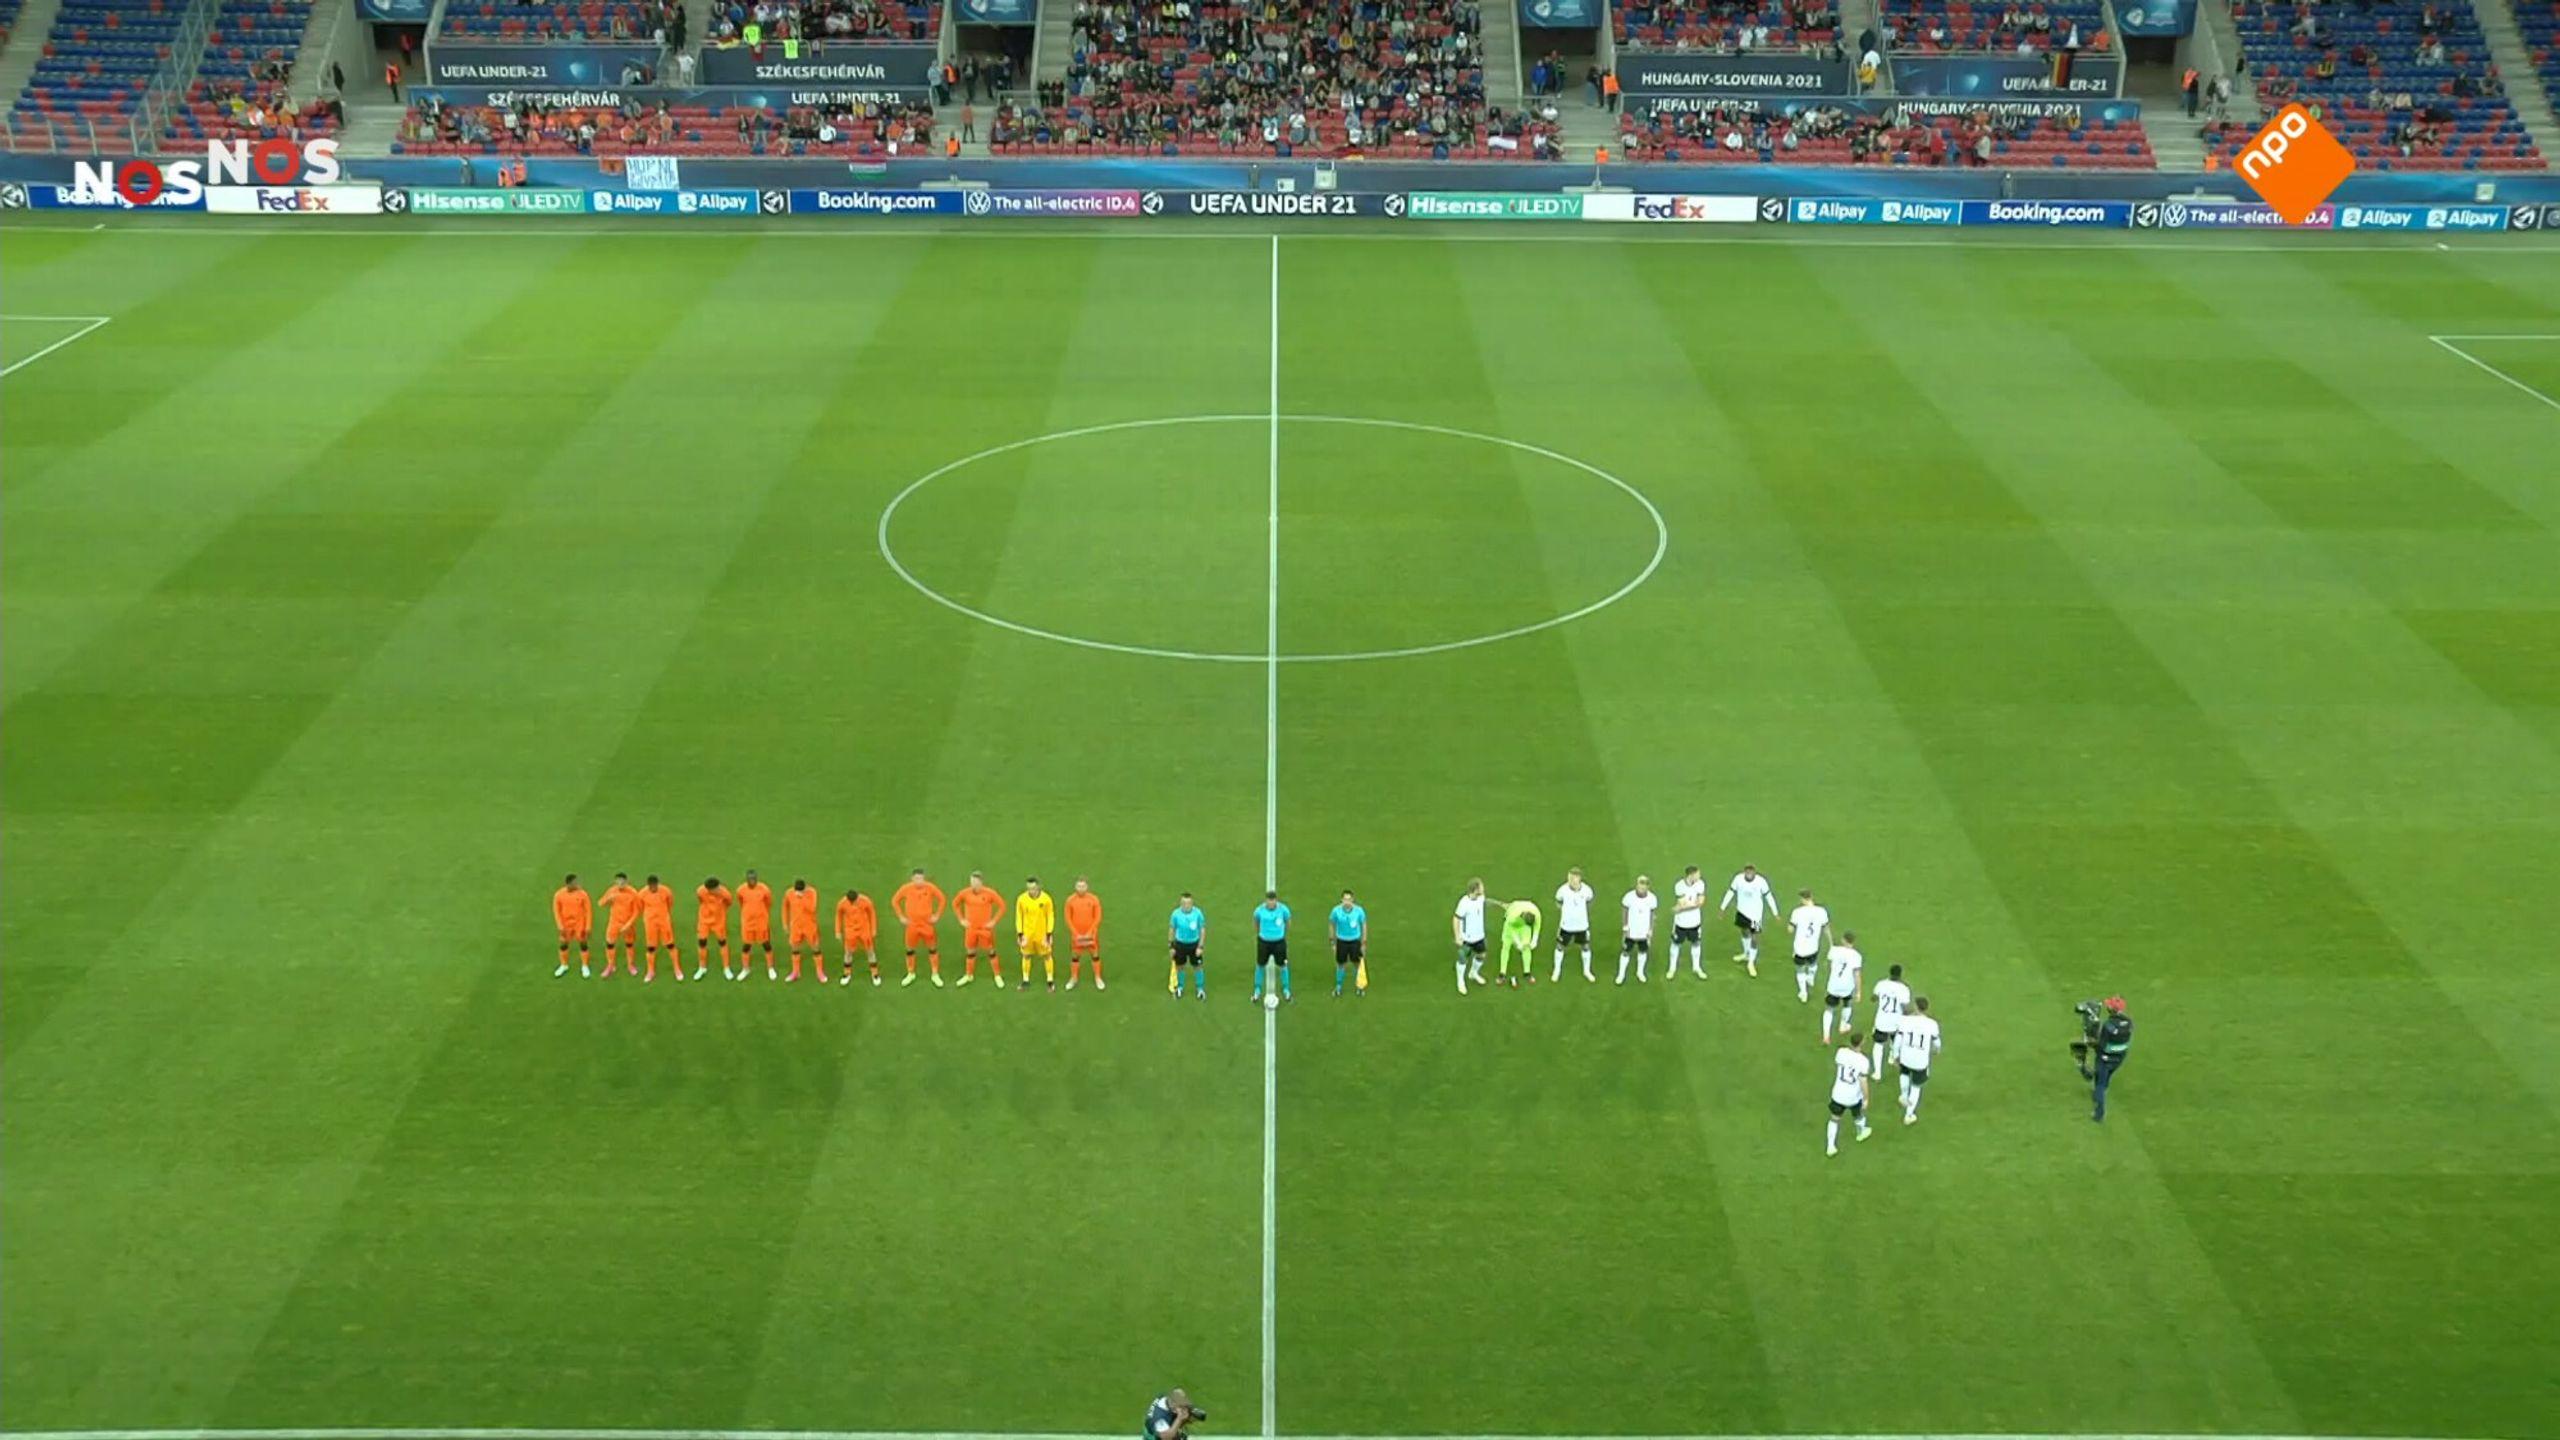 NOS EK Voetbal onder 21 Nederland